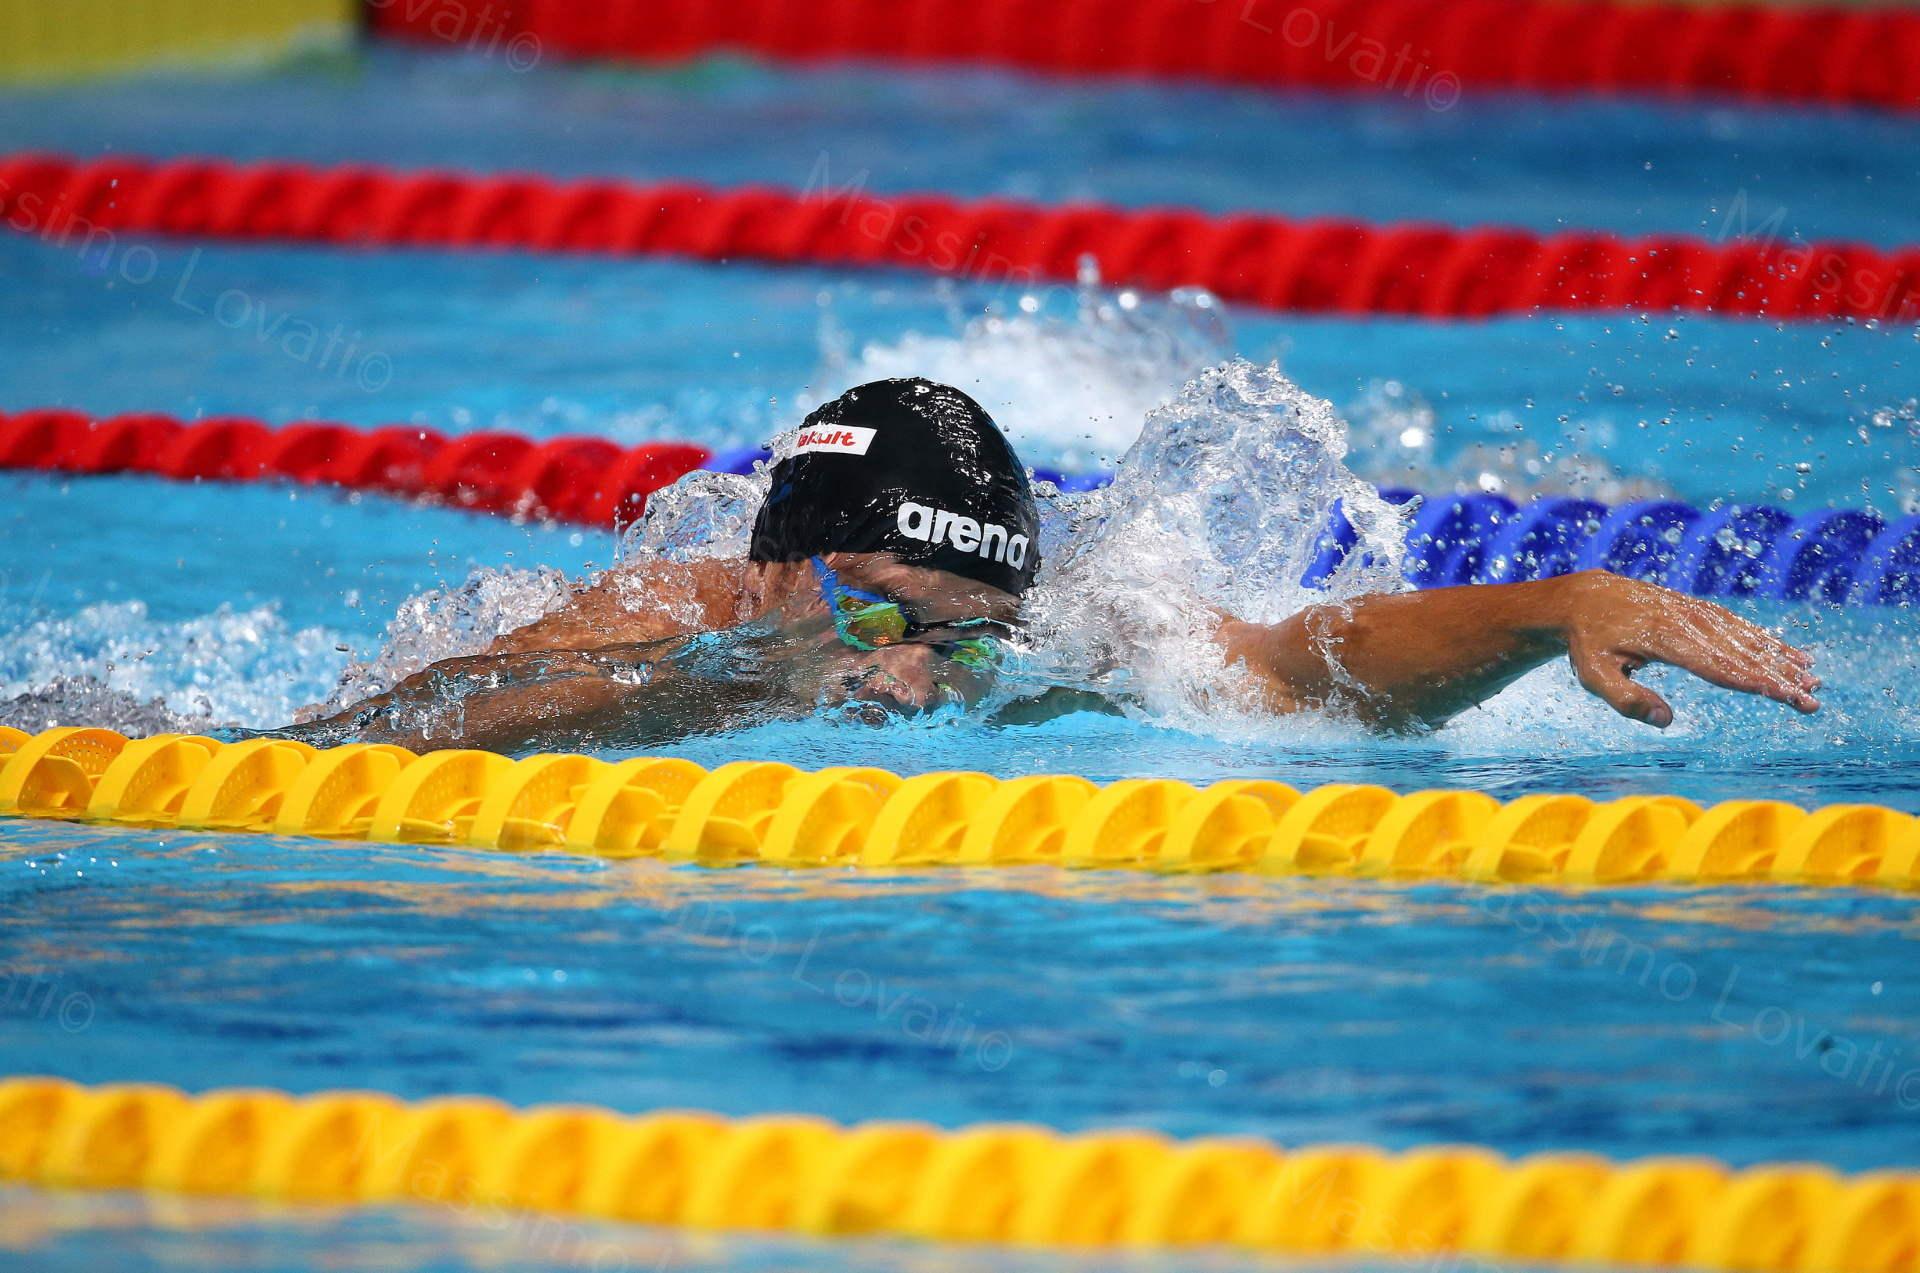 Mondiali FINA 2017, Budapest, Detti in azione